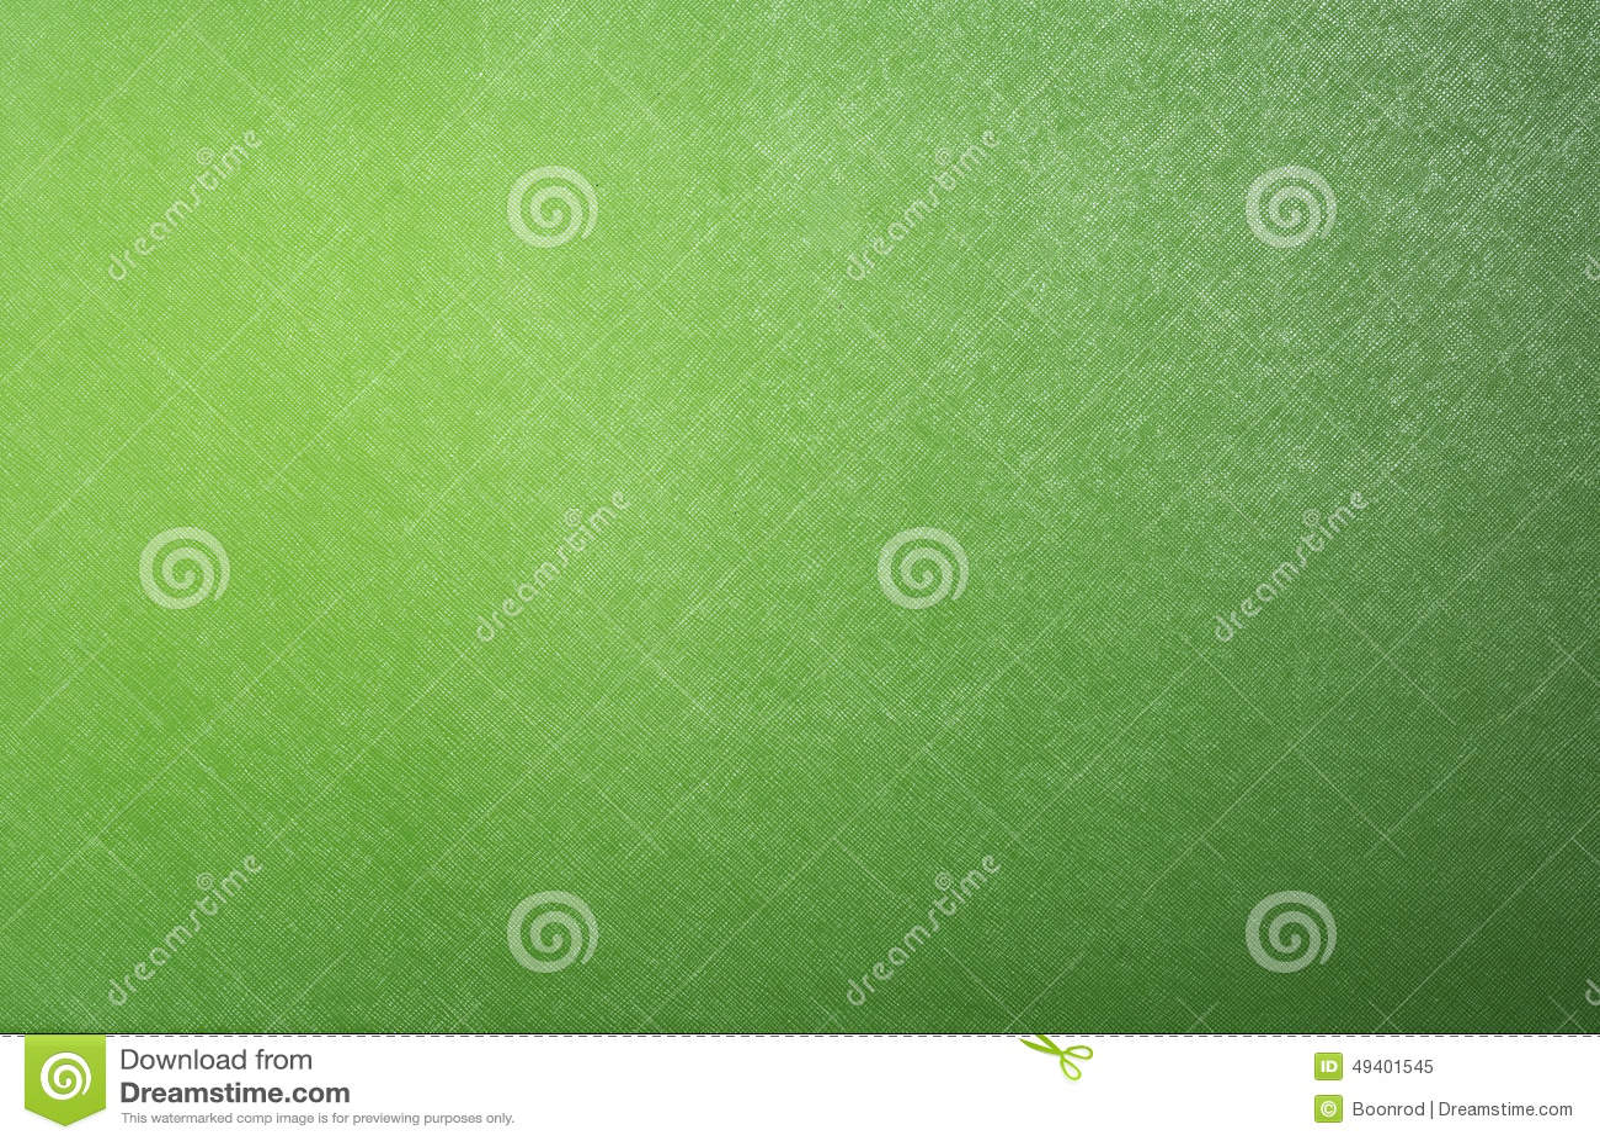 Download Grüner Hintergrund Mit Schiefem Stockbild - Bild von grün, tapete: 49401545